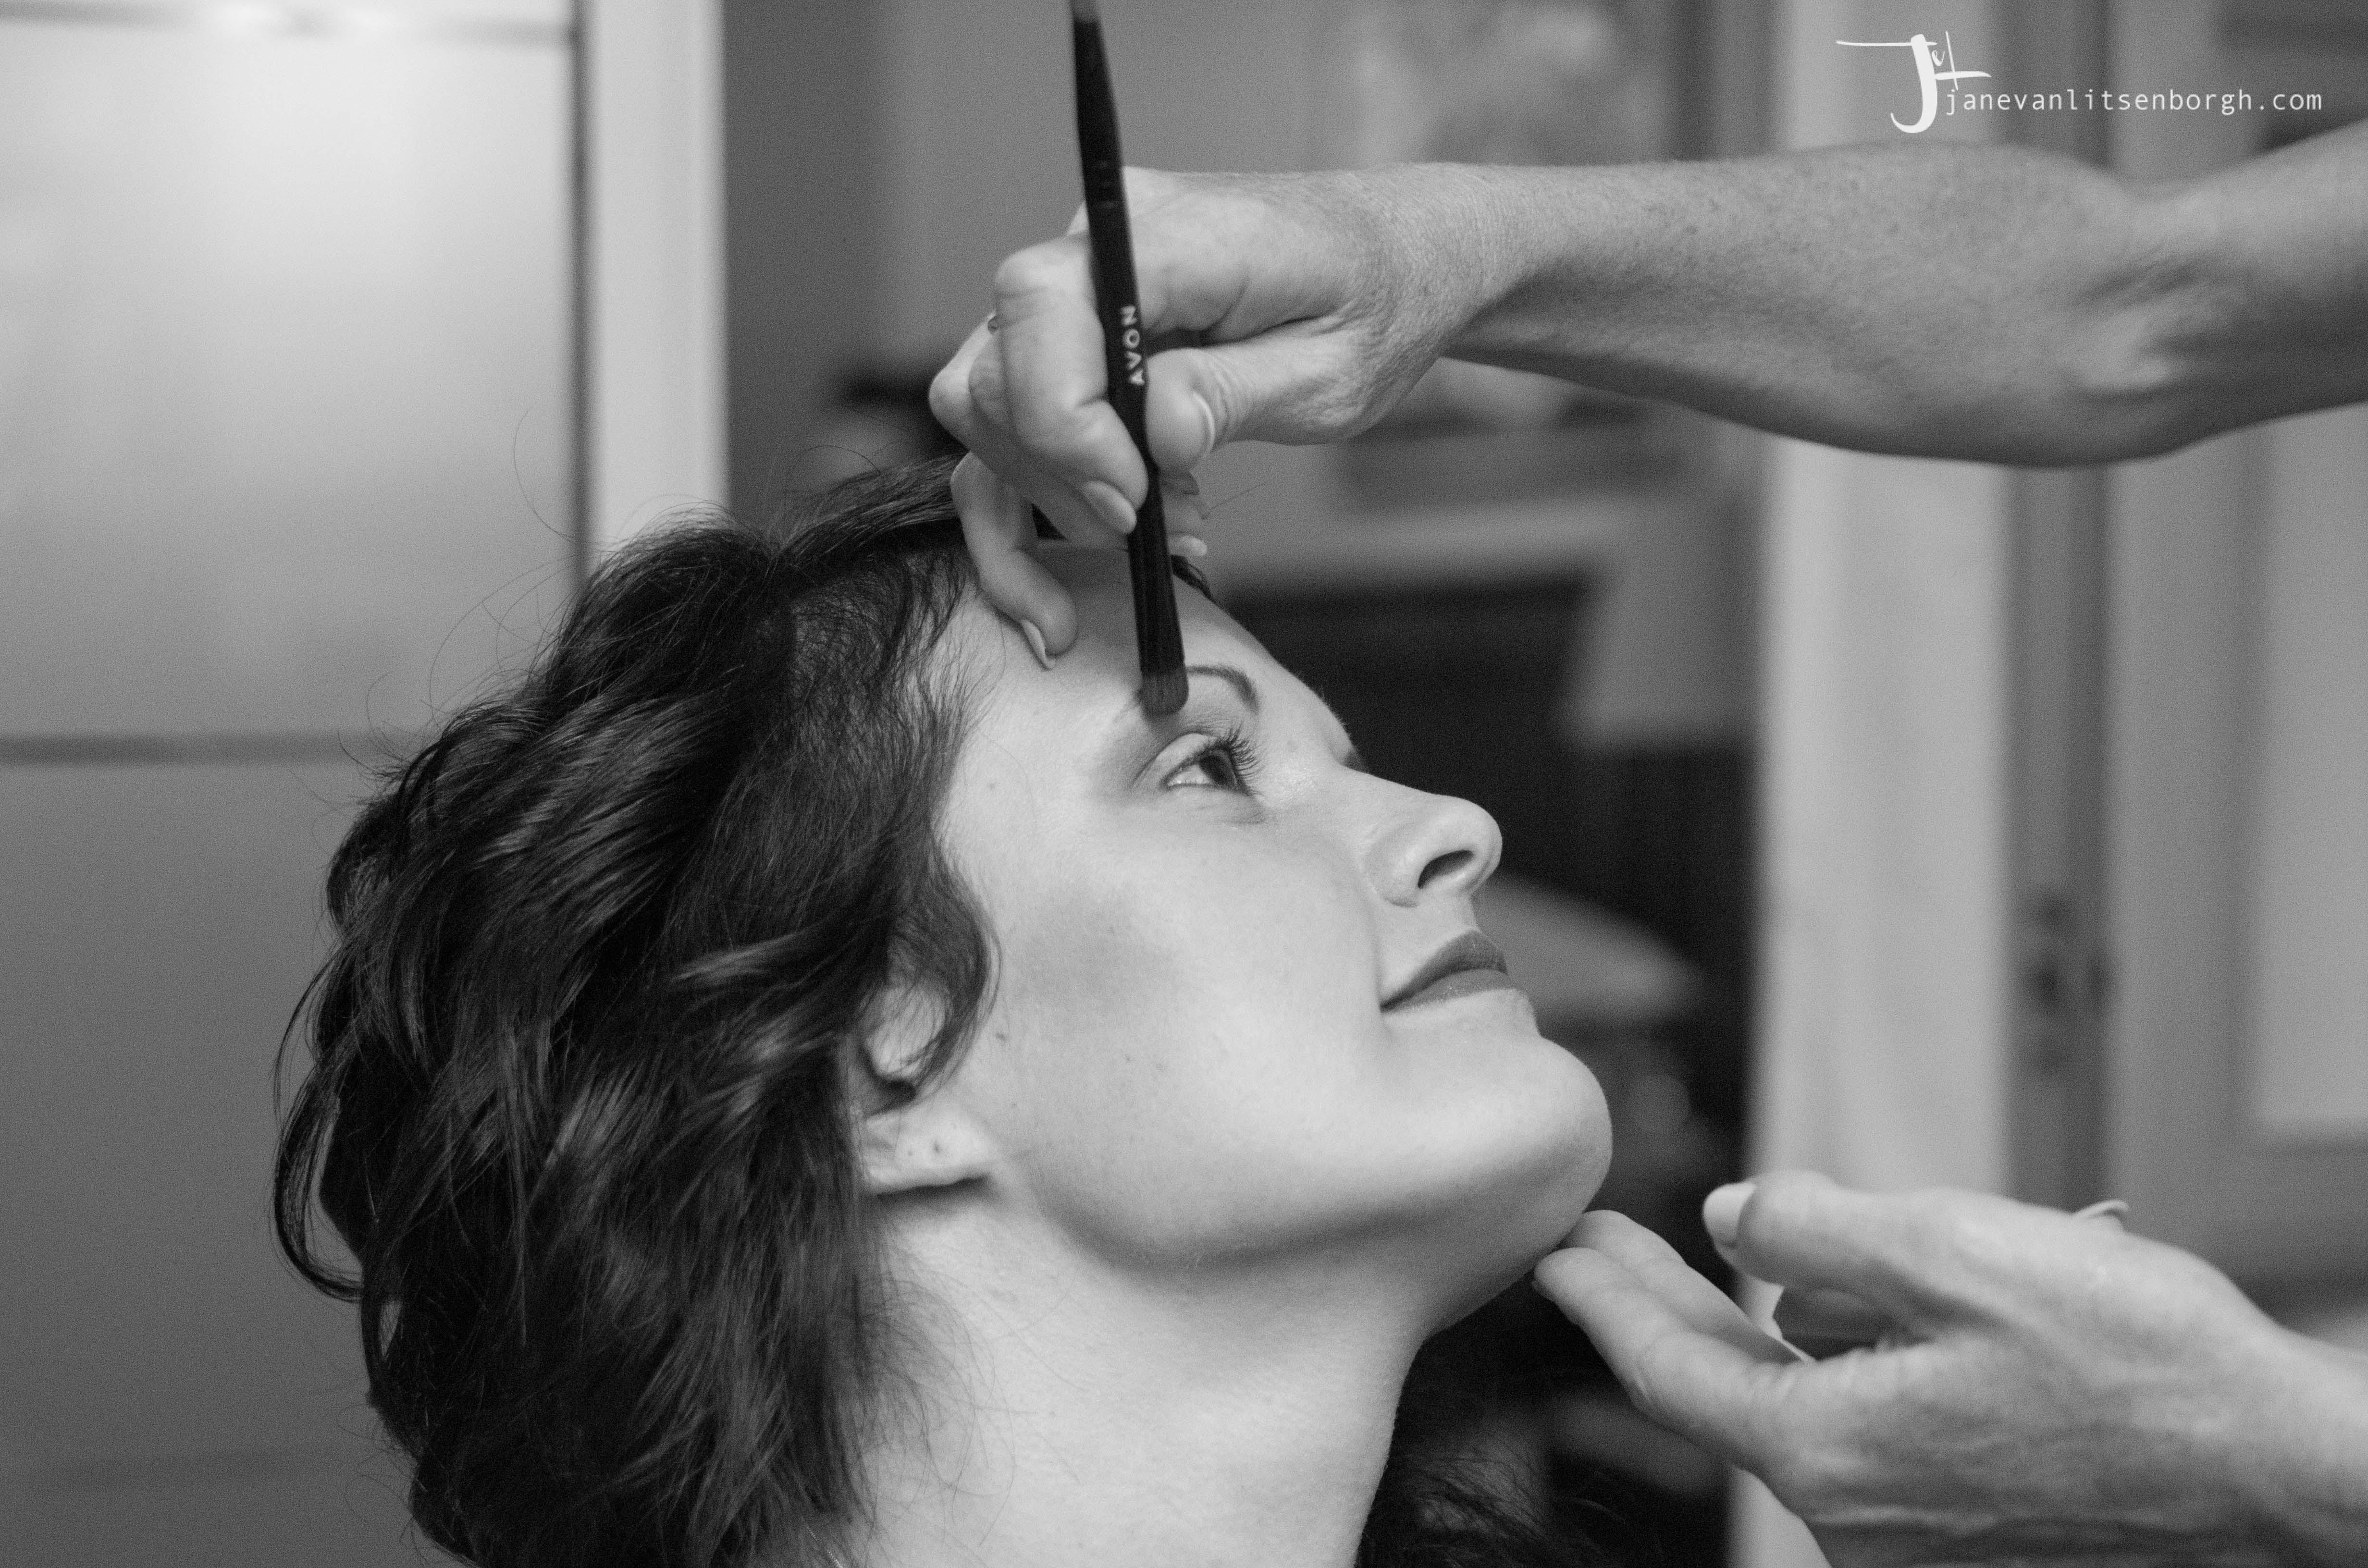 Jané van Litsenborgh Photography